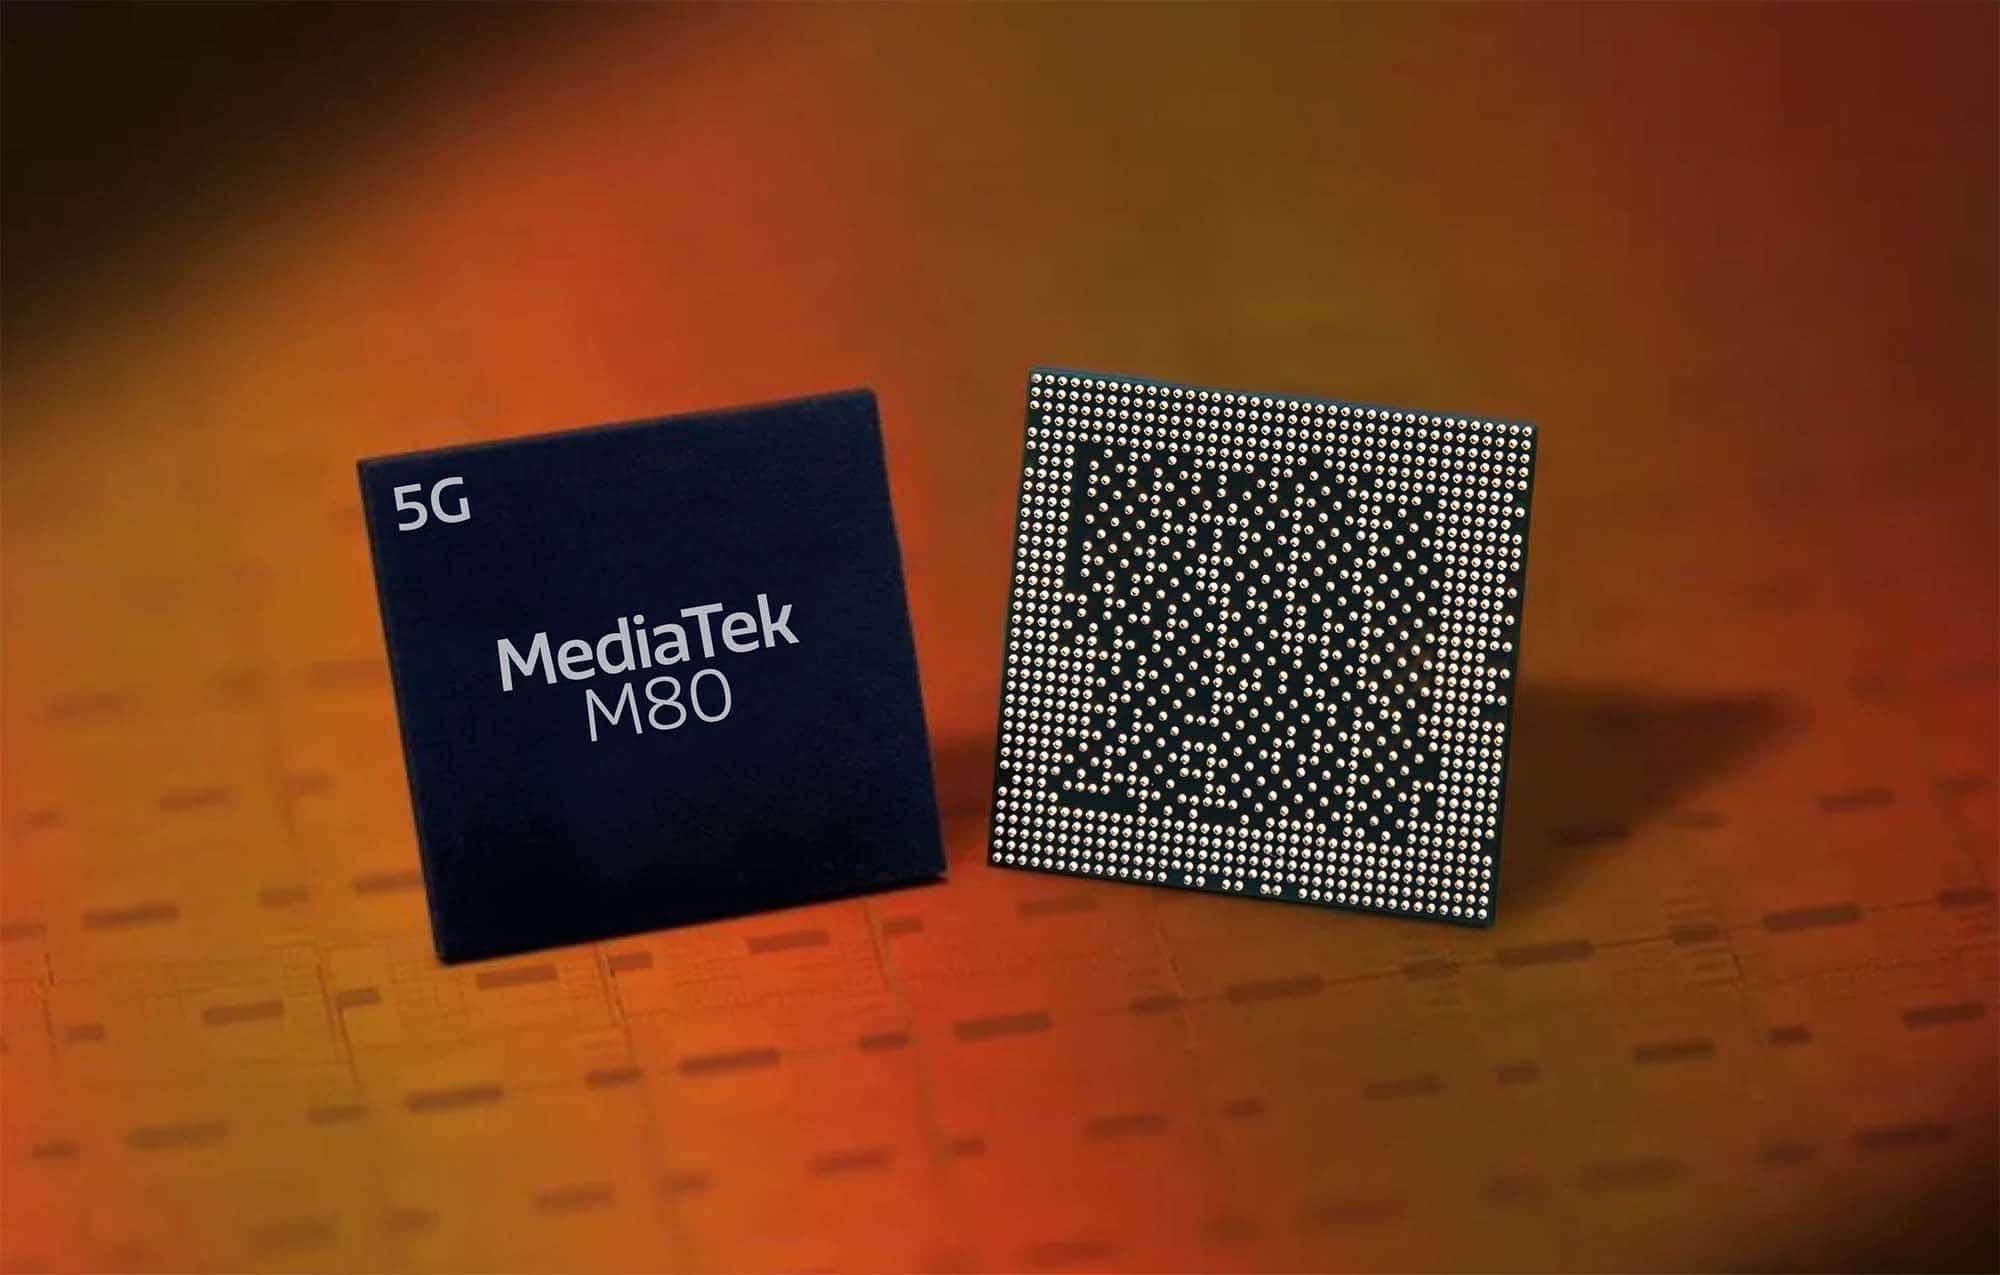 MediaTek ra mắt Modem 5G M80 mới hỗ trợ mạng 5G mmWave và Sub-6 GHz